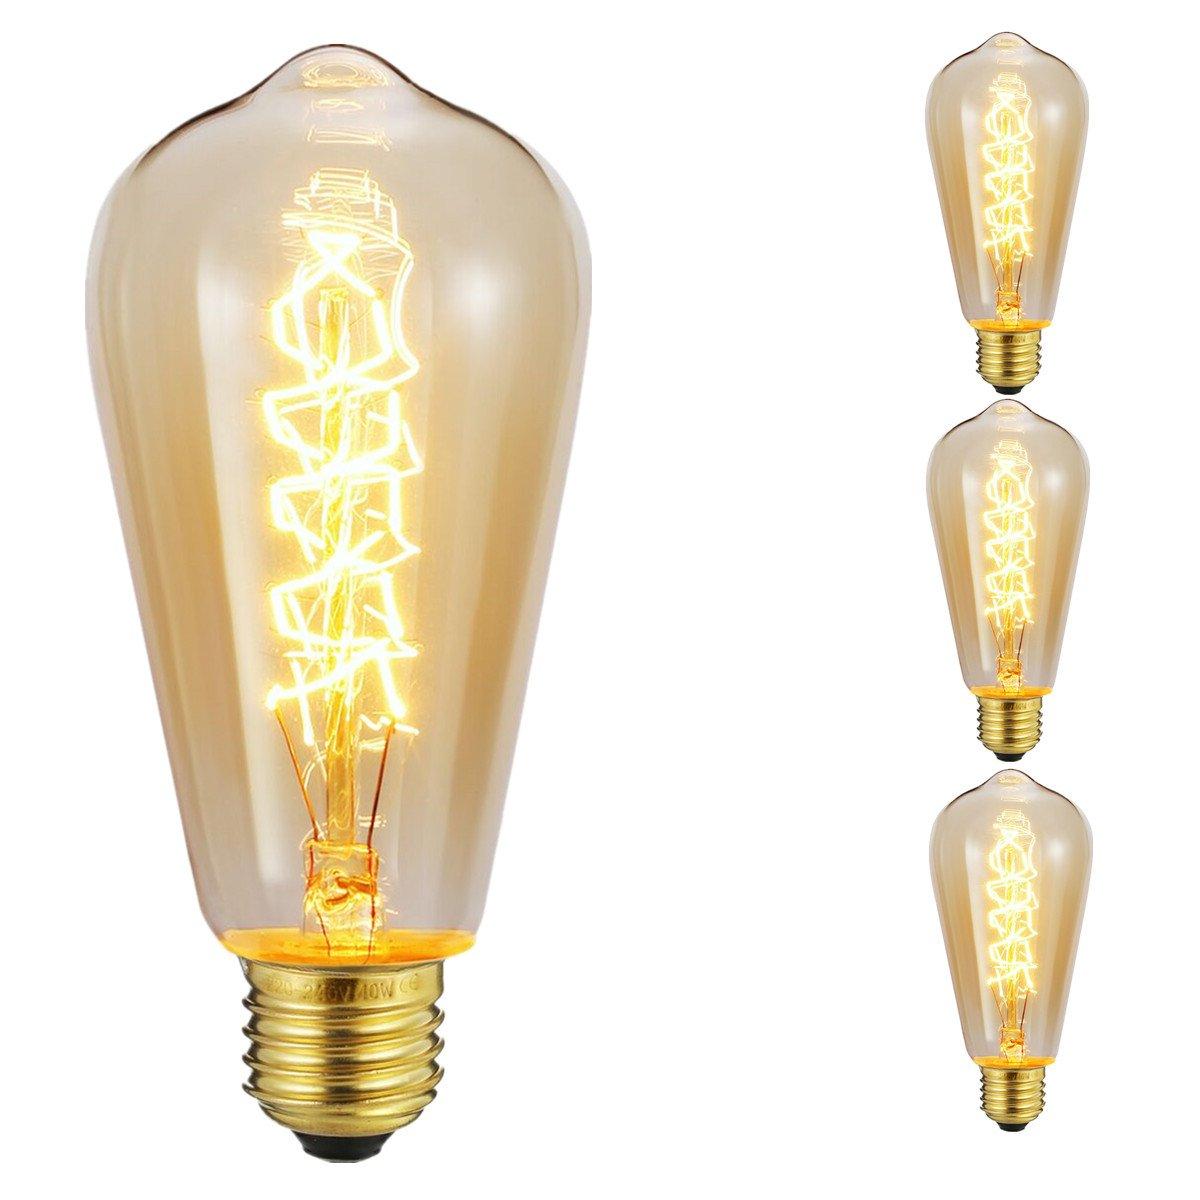 KINGSO 3 Pack E27 220V 40W ST64 Ampoules à incandescence Rétro Edison Ampoule Antique Lampe